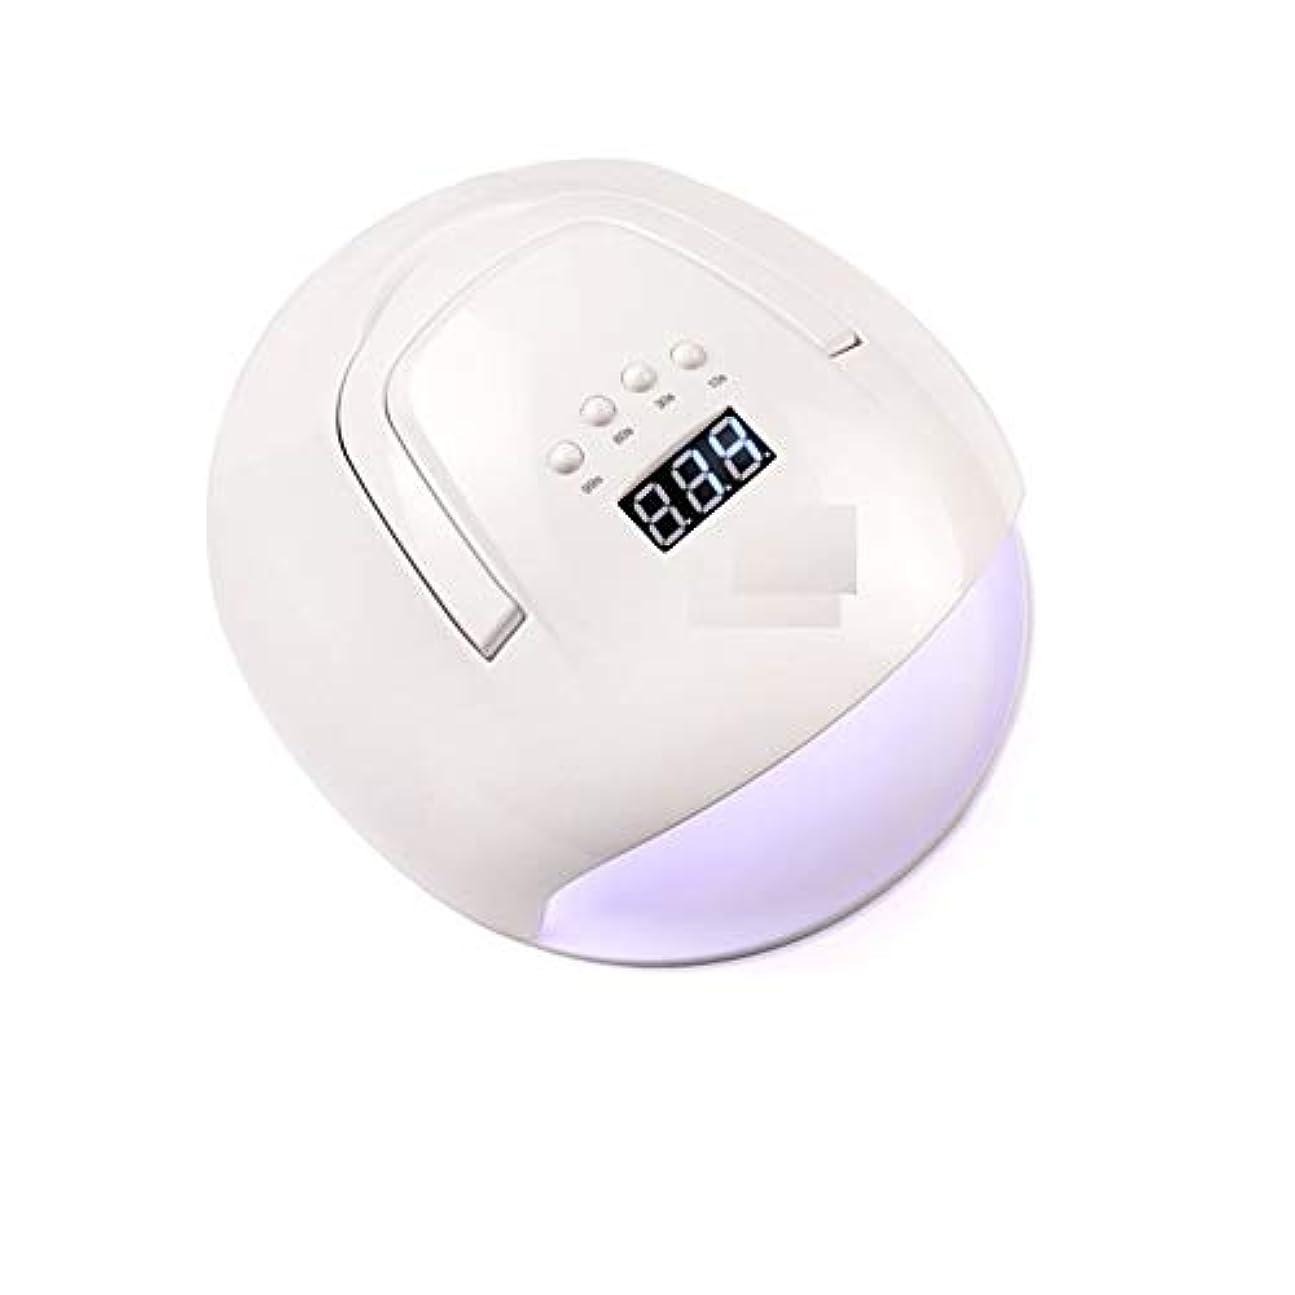 ボールコインランドリー上下するLittleCat 機械光線療法ポータブルLEDランプ108W赤外線センサーポーランドプラスチック熱ランプドライヤーネイル (色 : European standard circular plug)